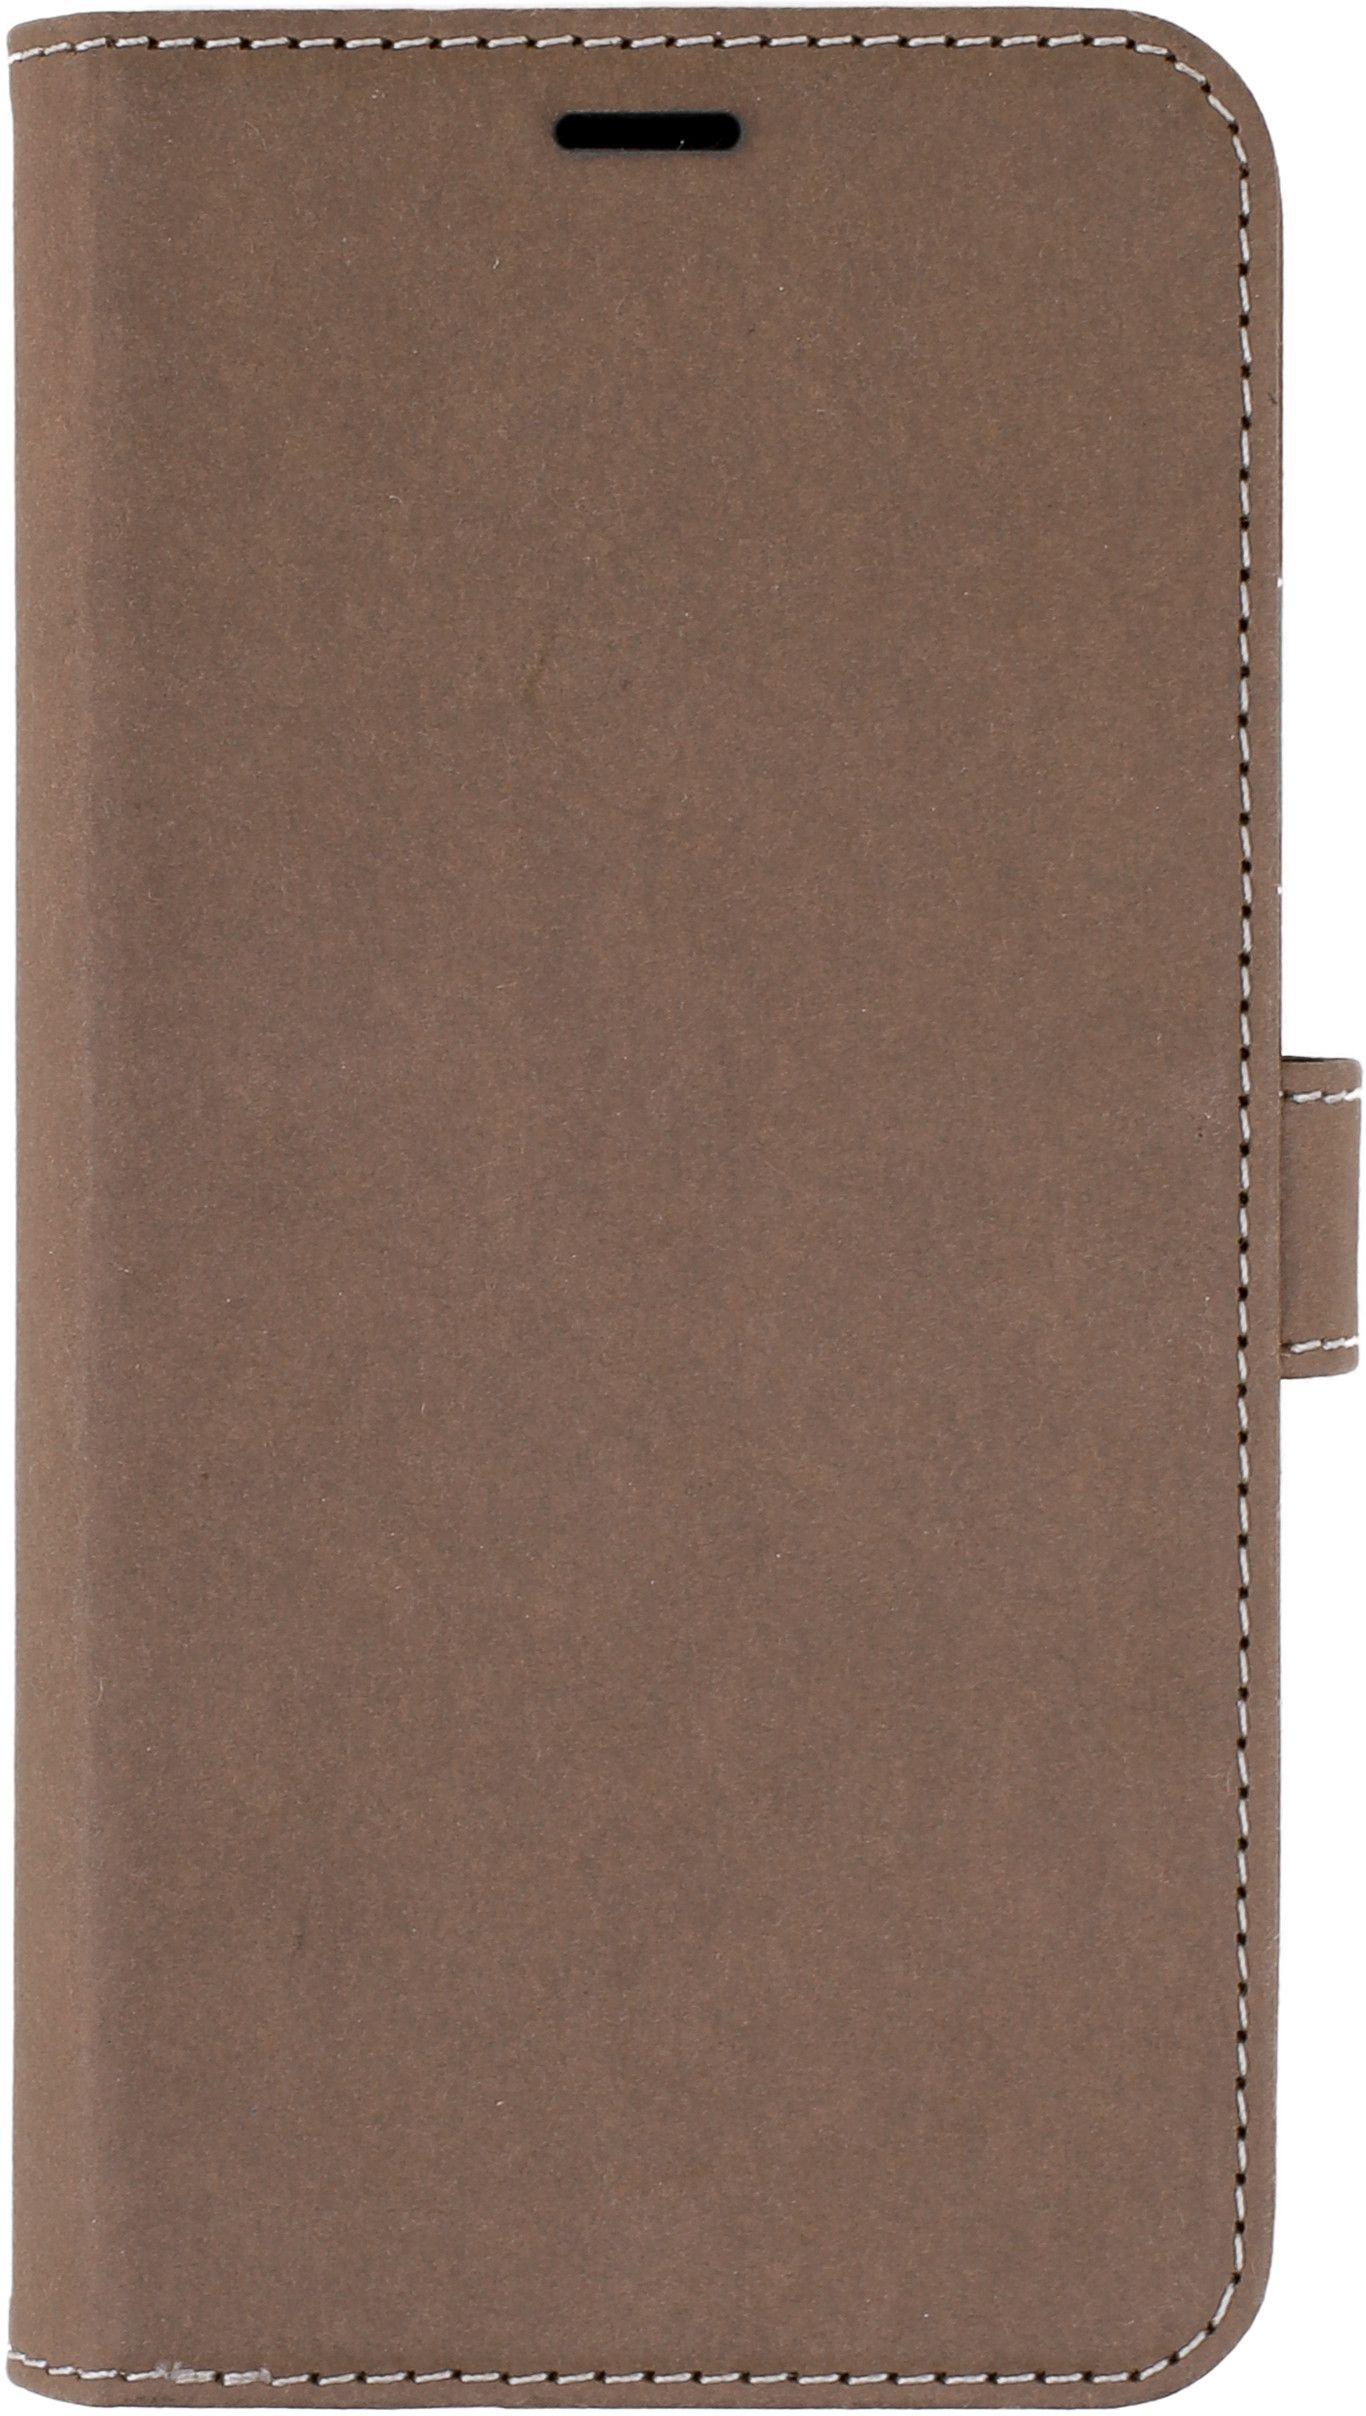 Gear Onsala Eco Wallet (iPhone 11) - Ljusbrun